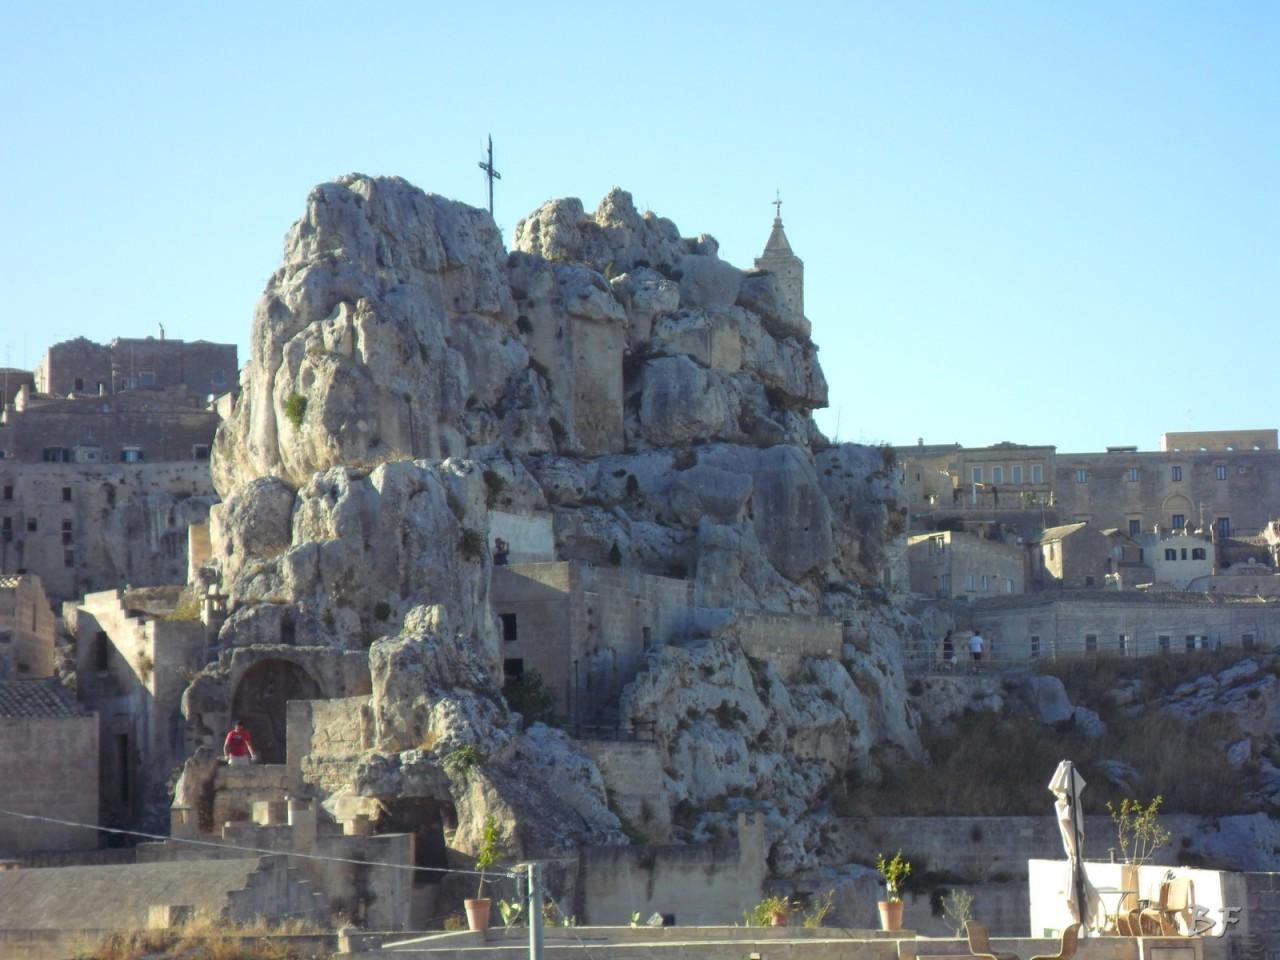 Sasso-Caveoso-Edifici-Rupestri-Megaliti-Sassi-di-Matera-basilicata-Italia-32